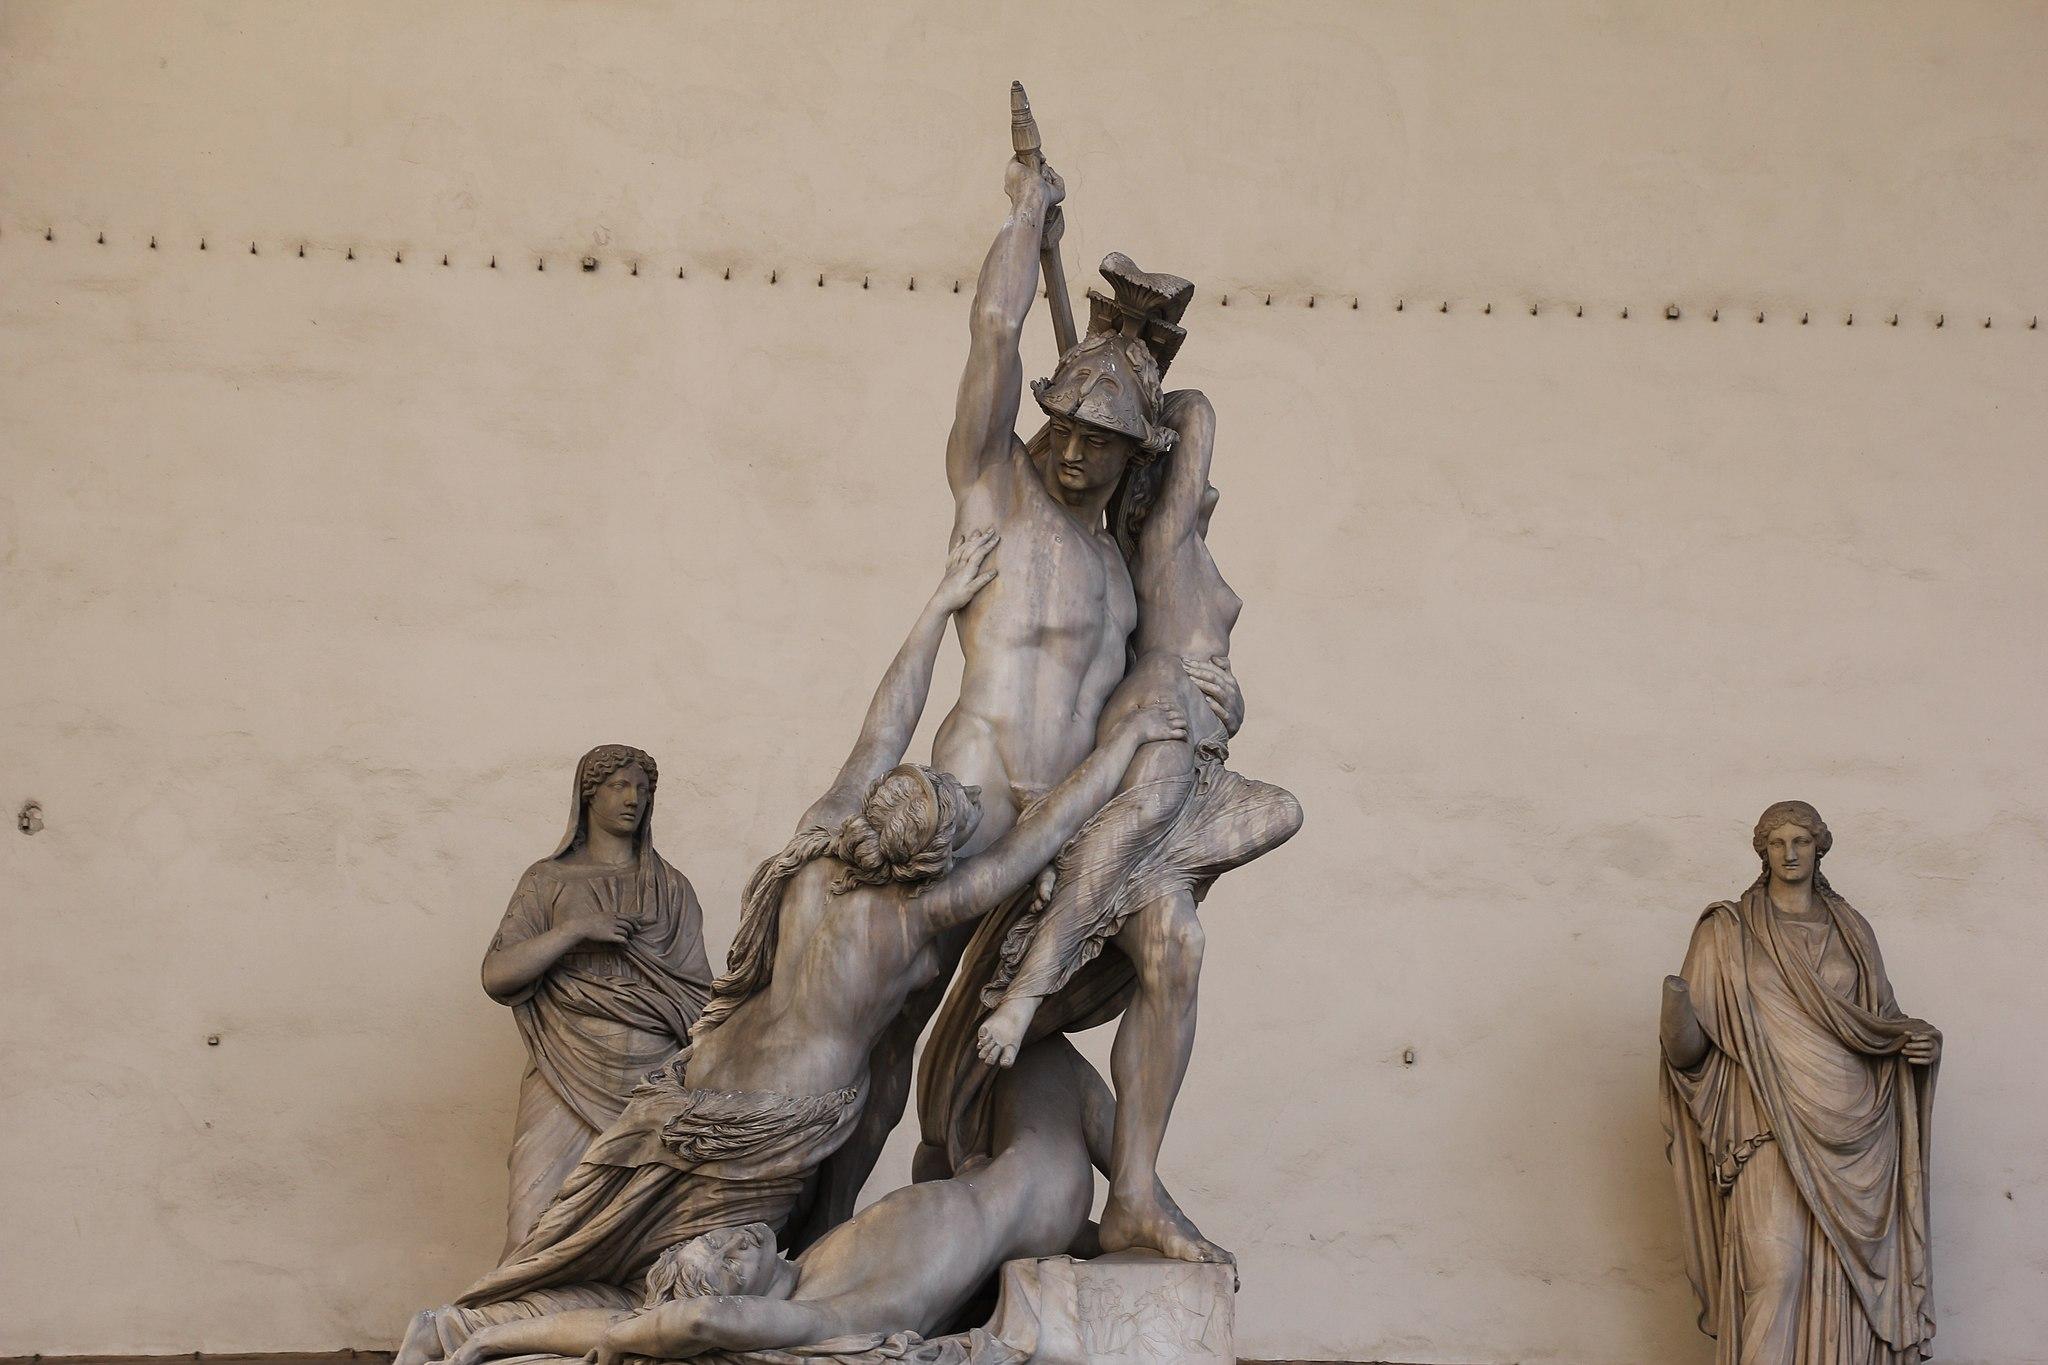 Firenze, Ratto di Polissena,